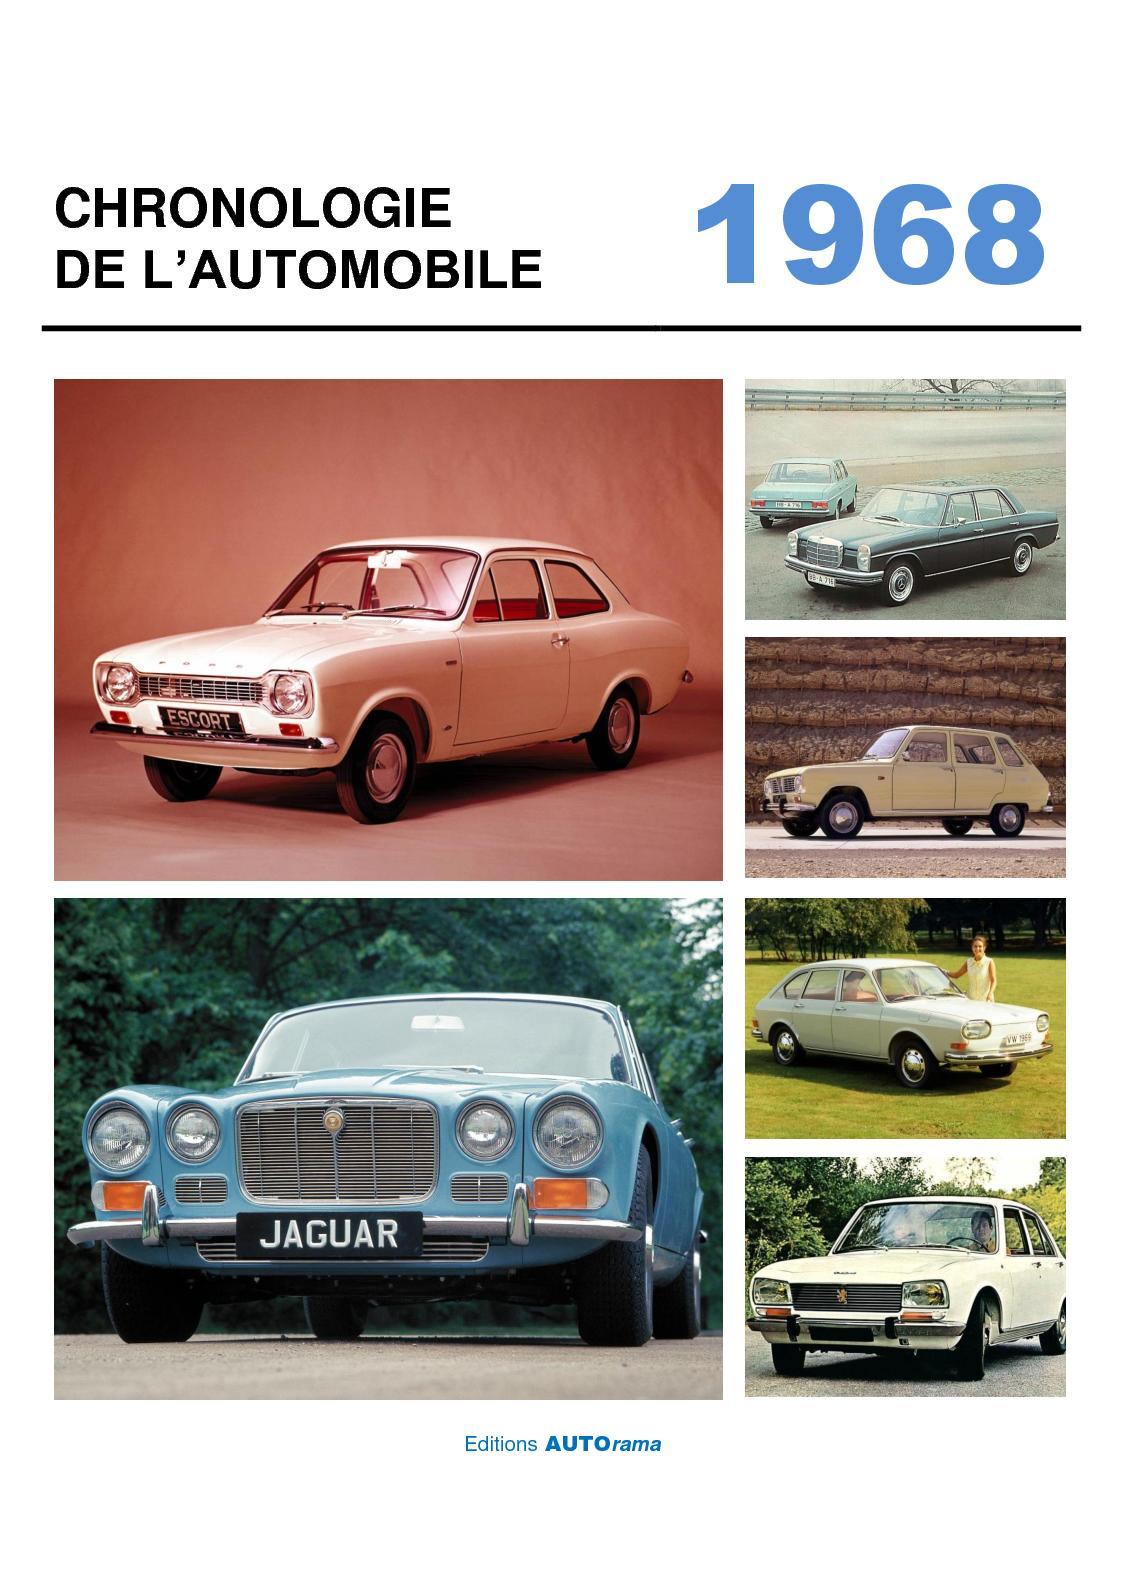 Chronologie de l'automobile - 1968